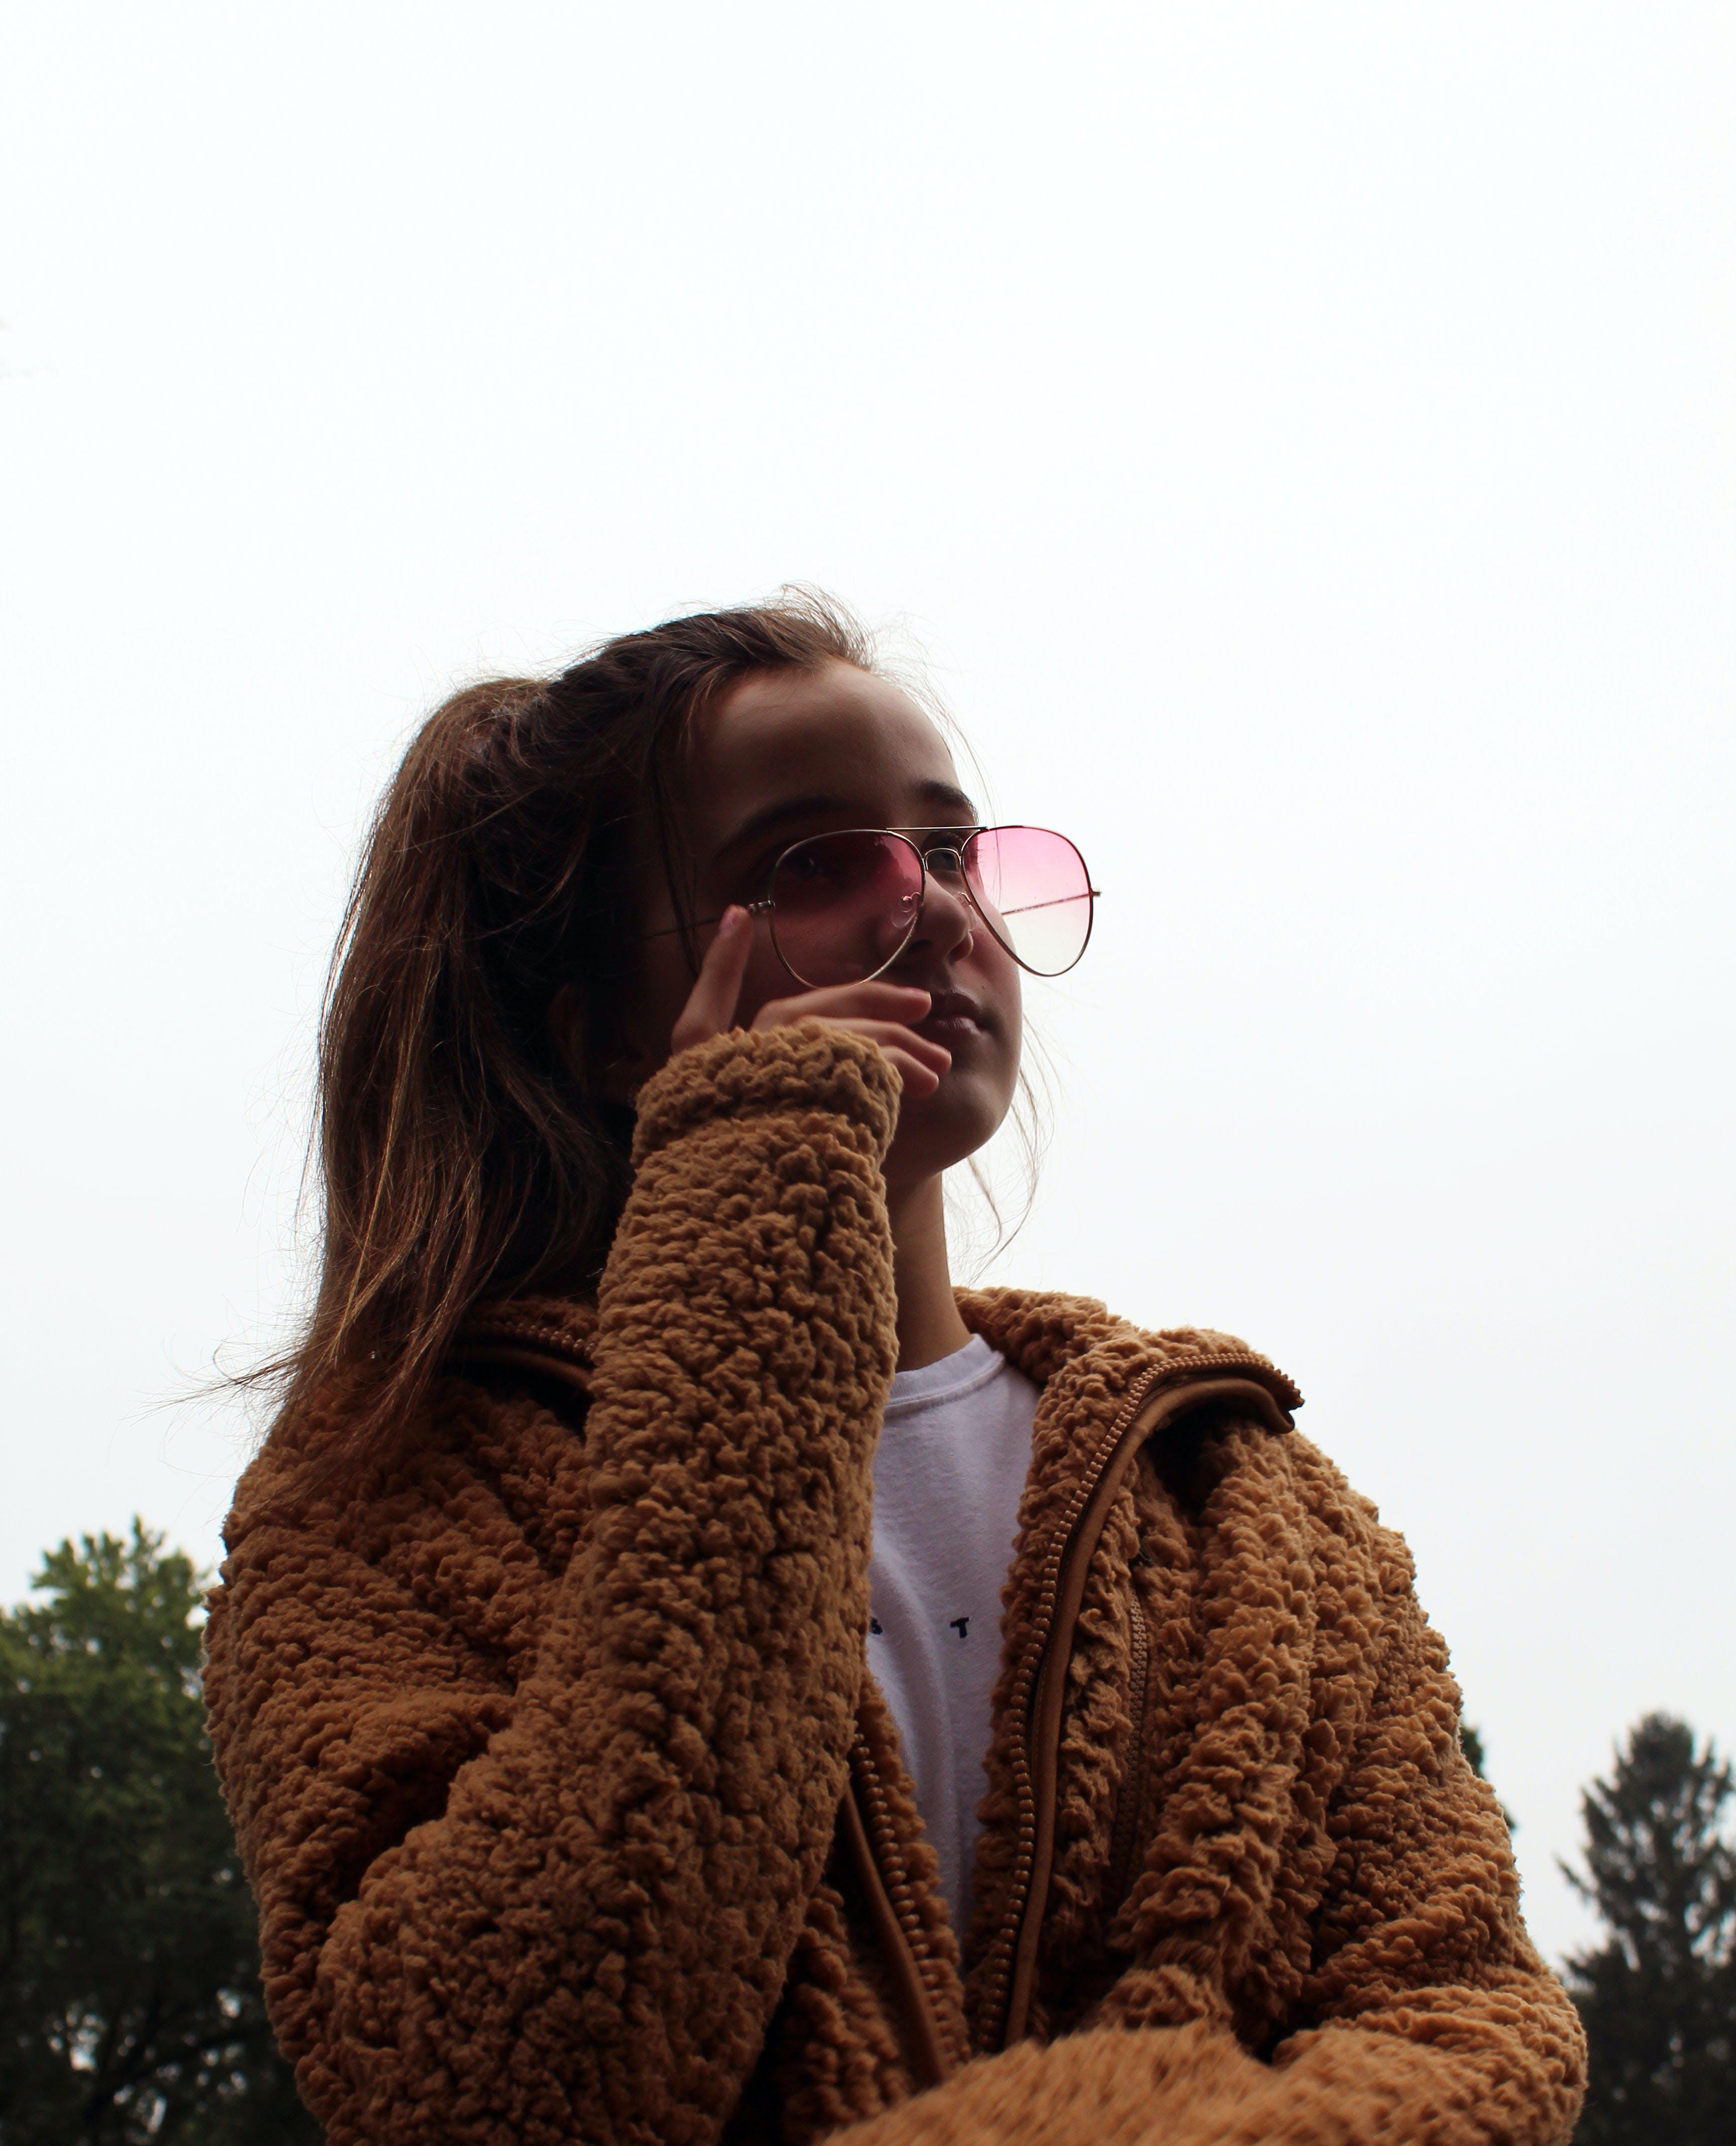 Girl Holding Her Eyeglasses Under White Sky